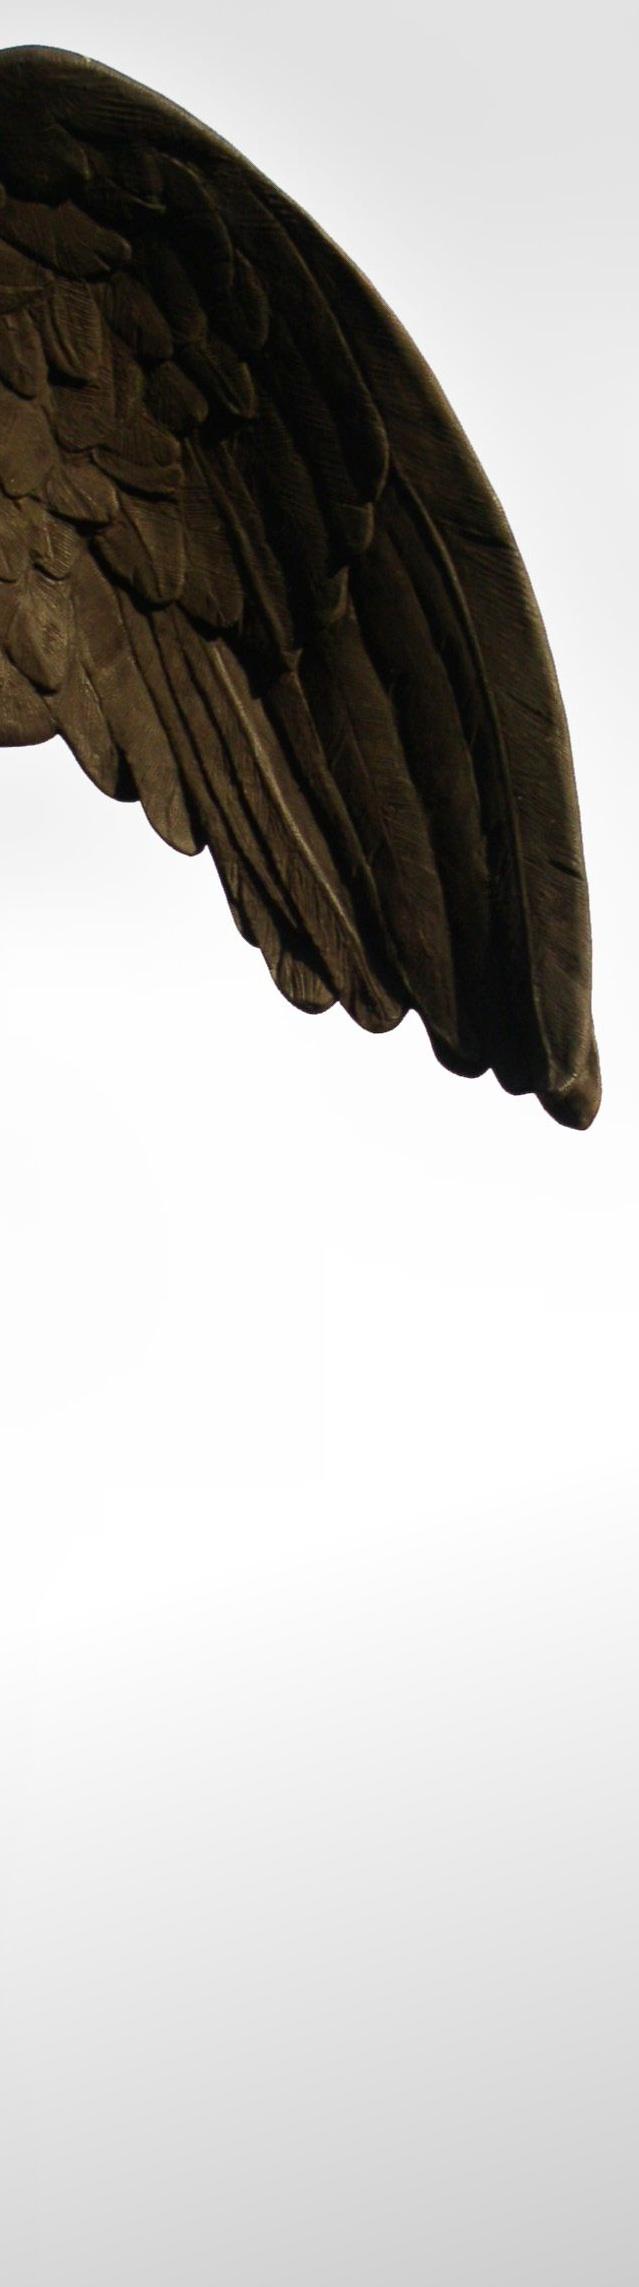 angel-sculpture-by-mitoraj-2